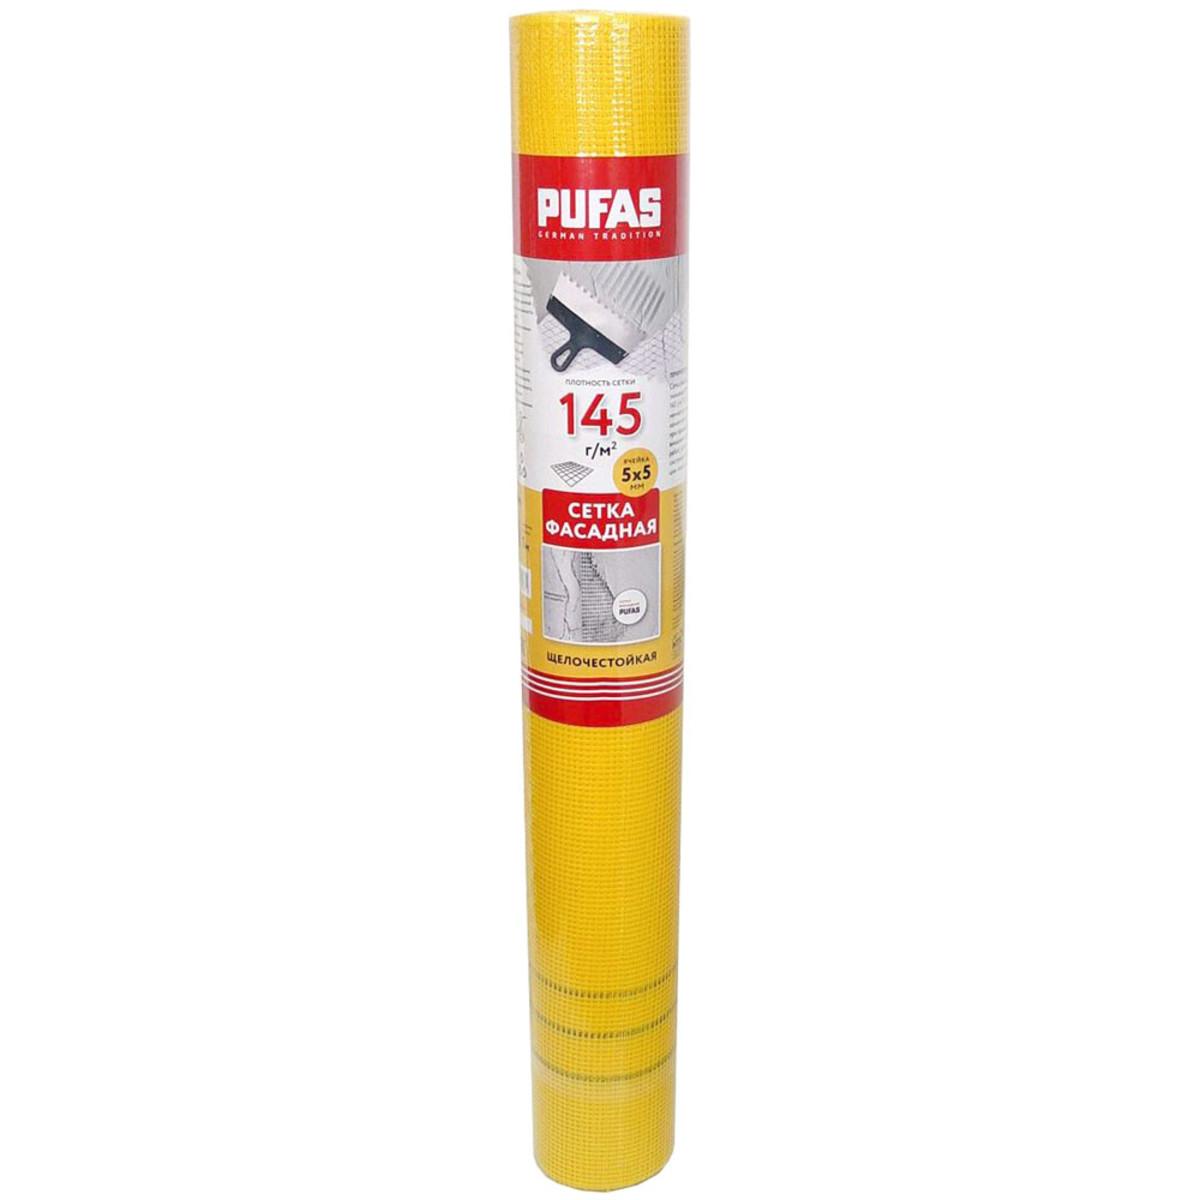 Стеклохолст Pufas 71703000